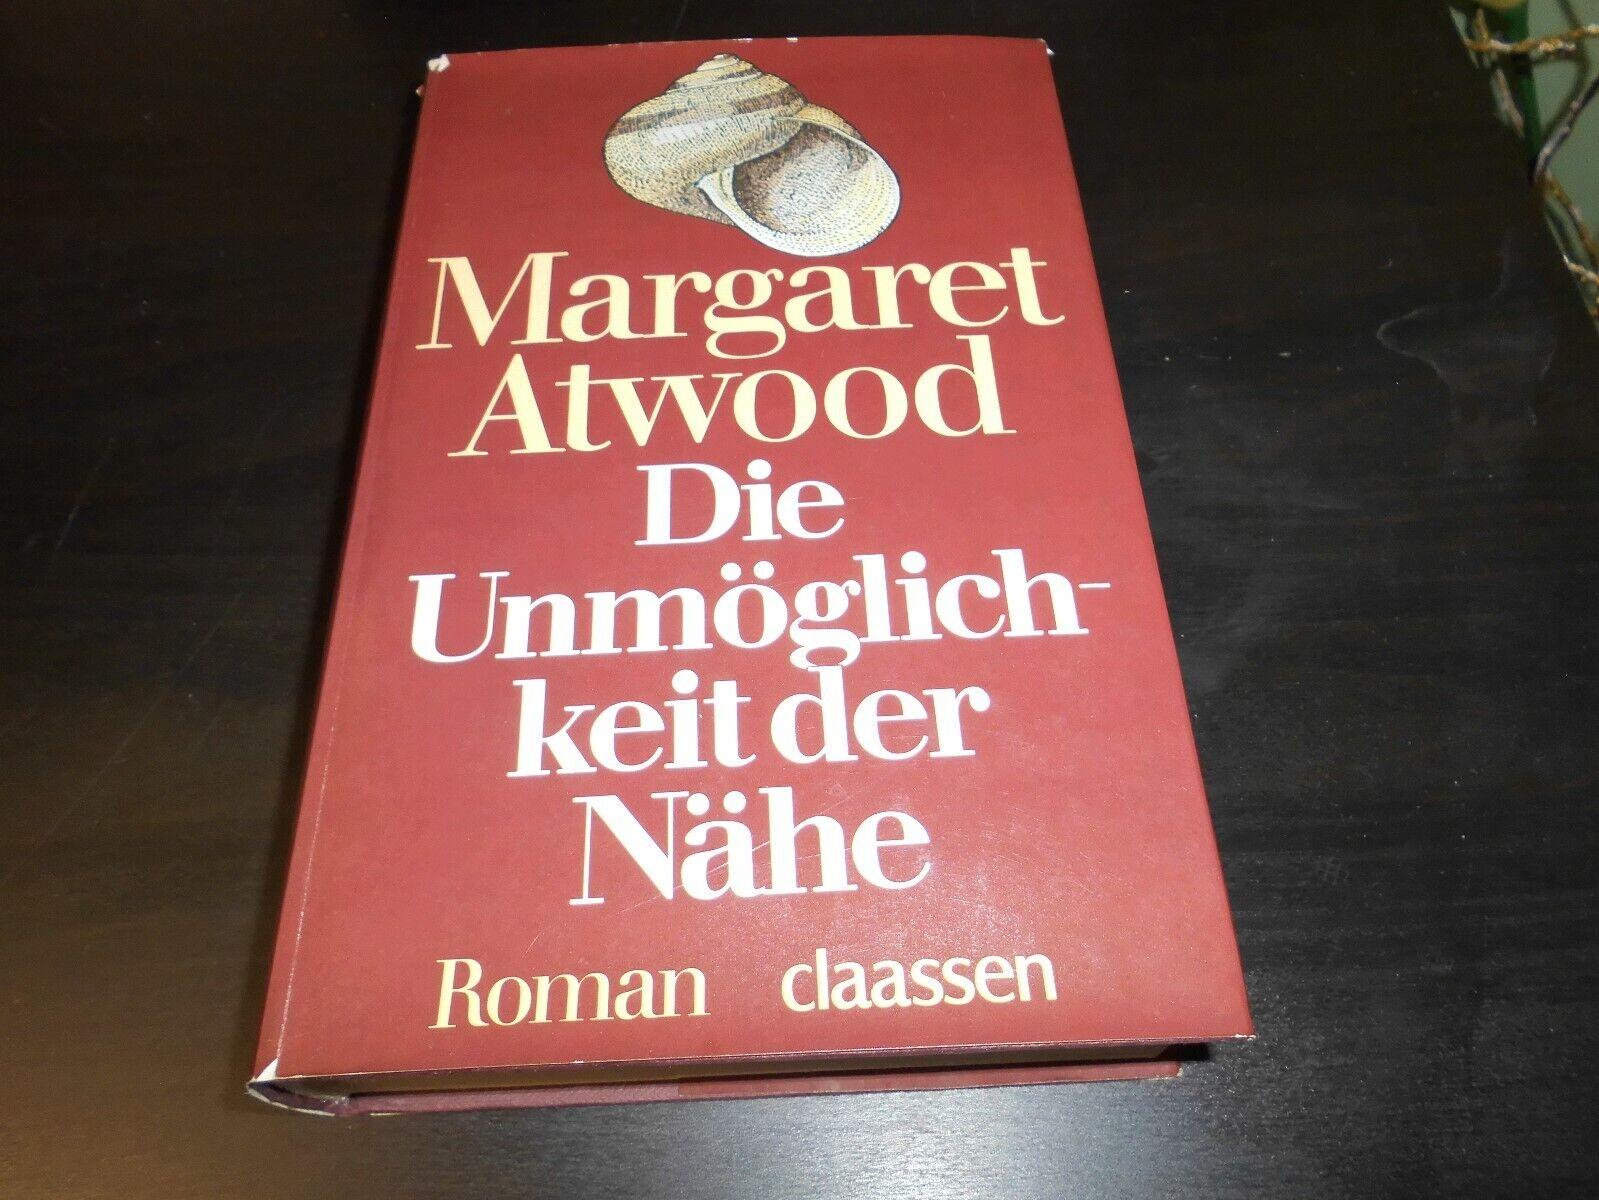 Margaret Atwood Die Unmöglichkeit der Nähe